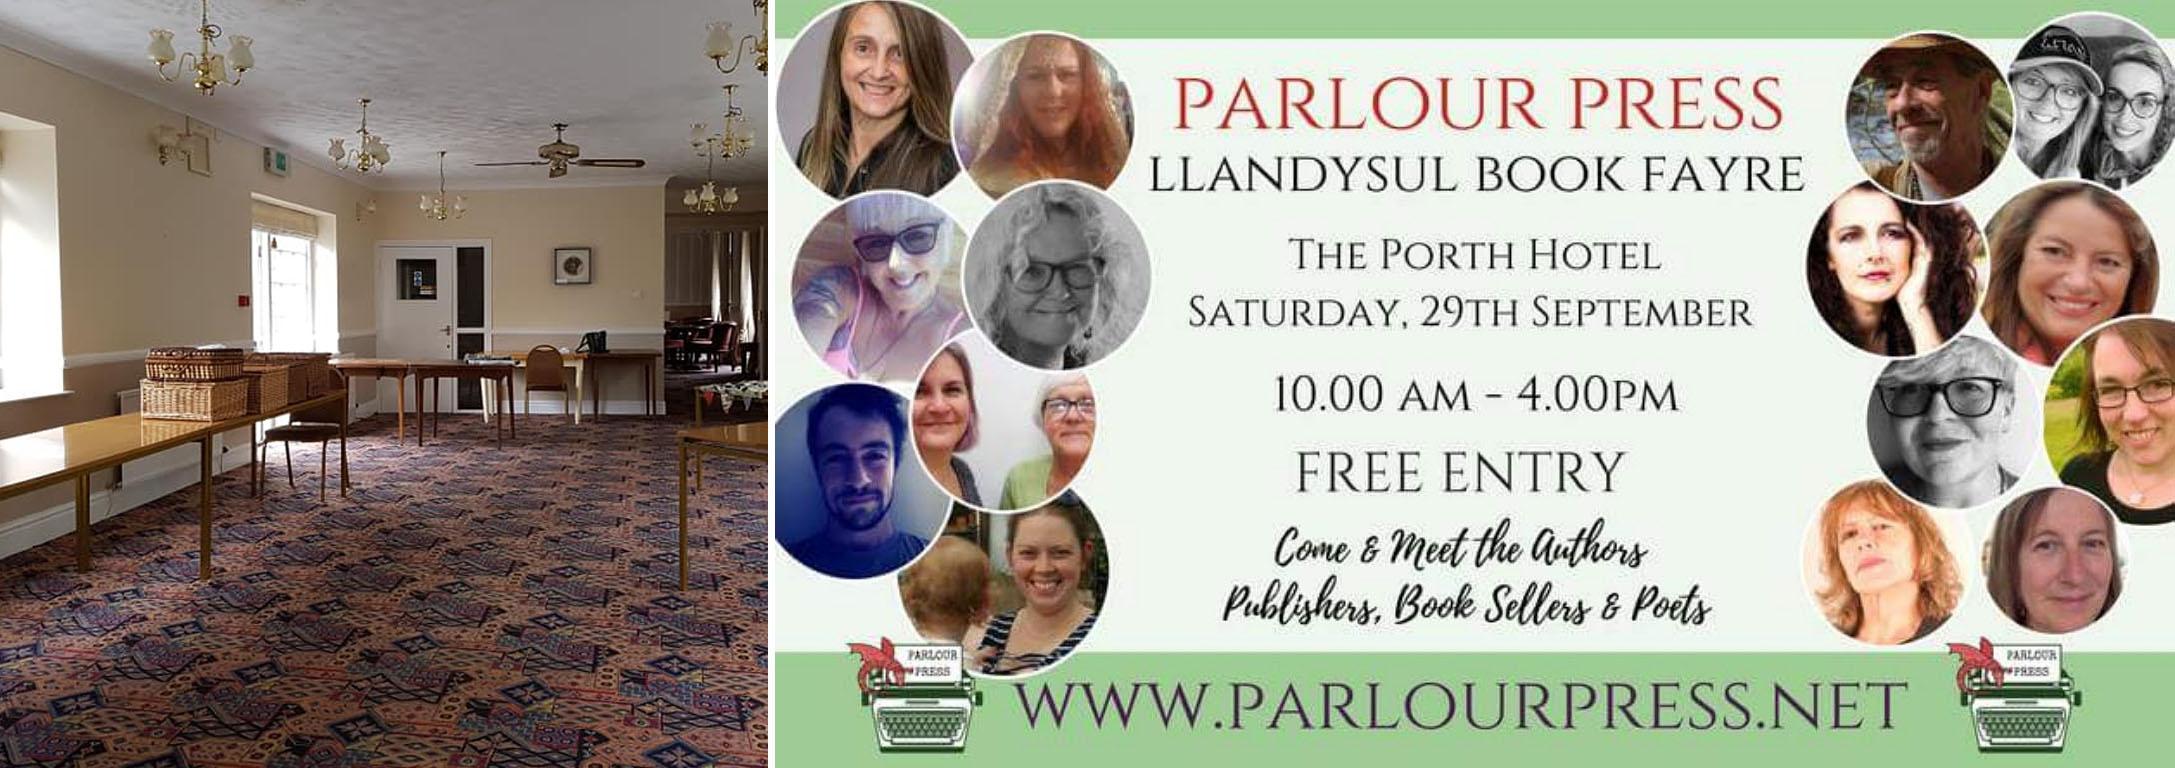 Parlour Press Book Fayre - 29th Sept - Porth Hotel, Llandysul